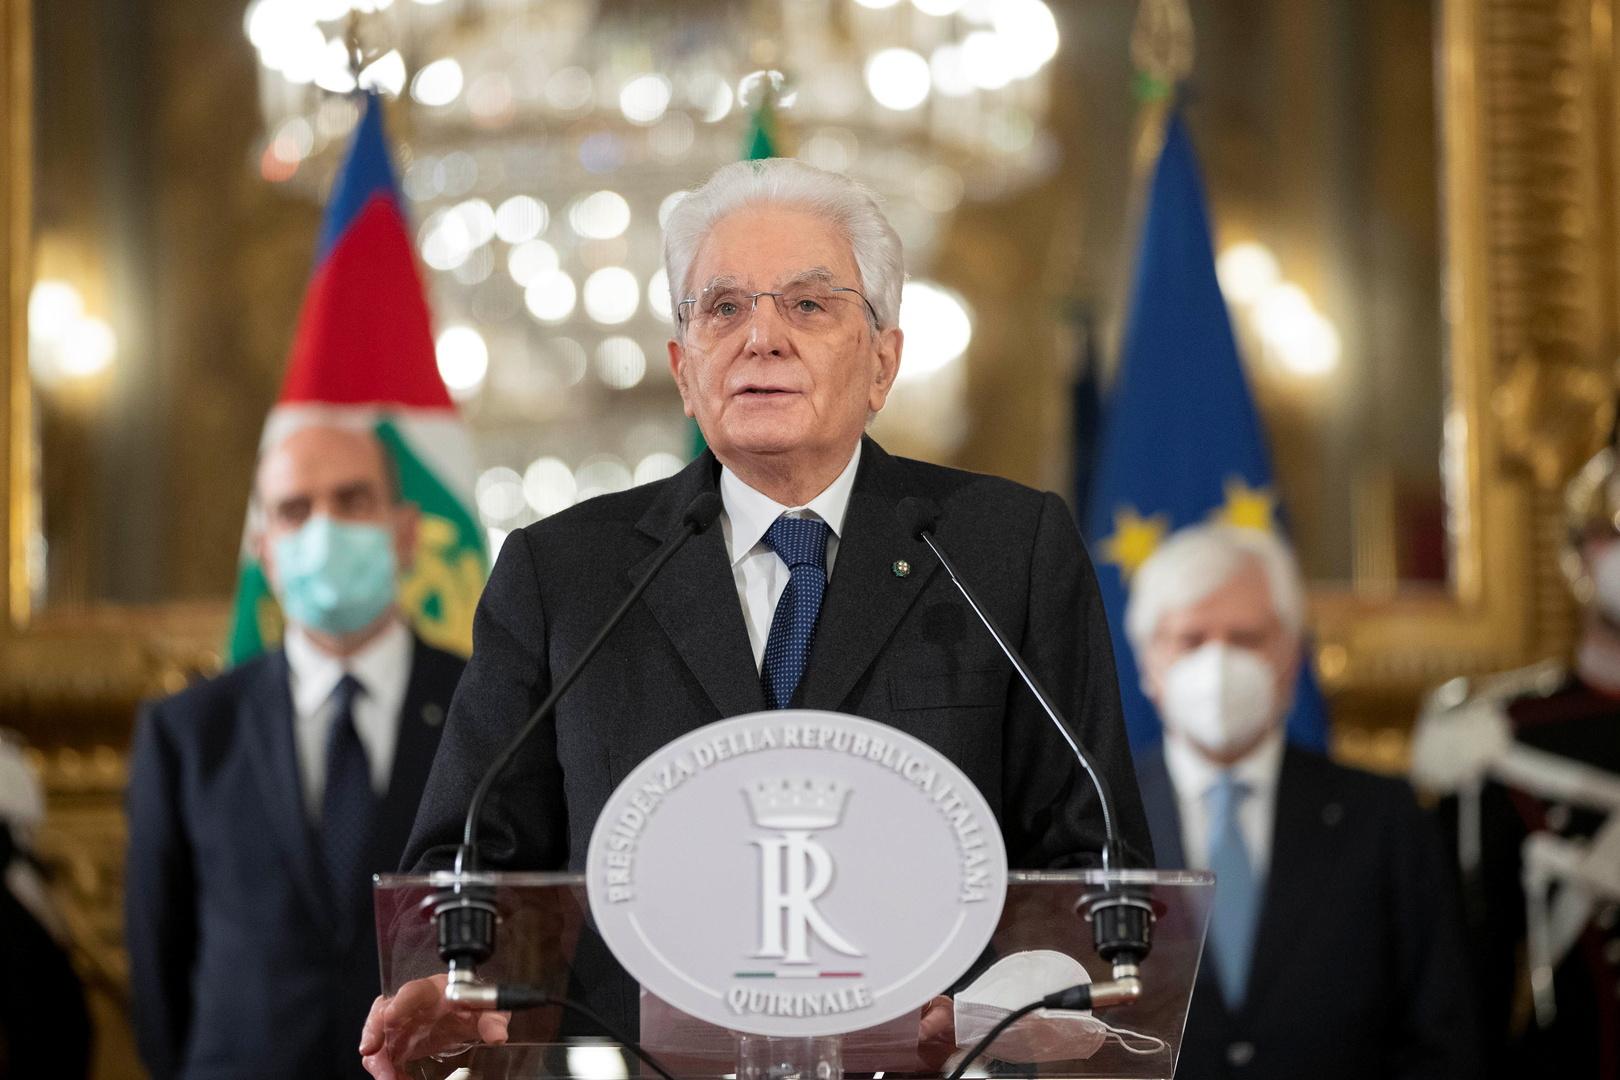 الرئيس الإيطالي يمهل الأحزاب أربعة أيام لإتمام مفاوضات تشكيل الحكومة